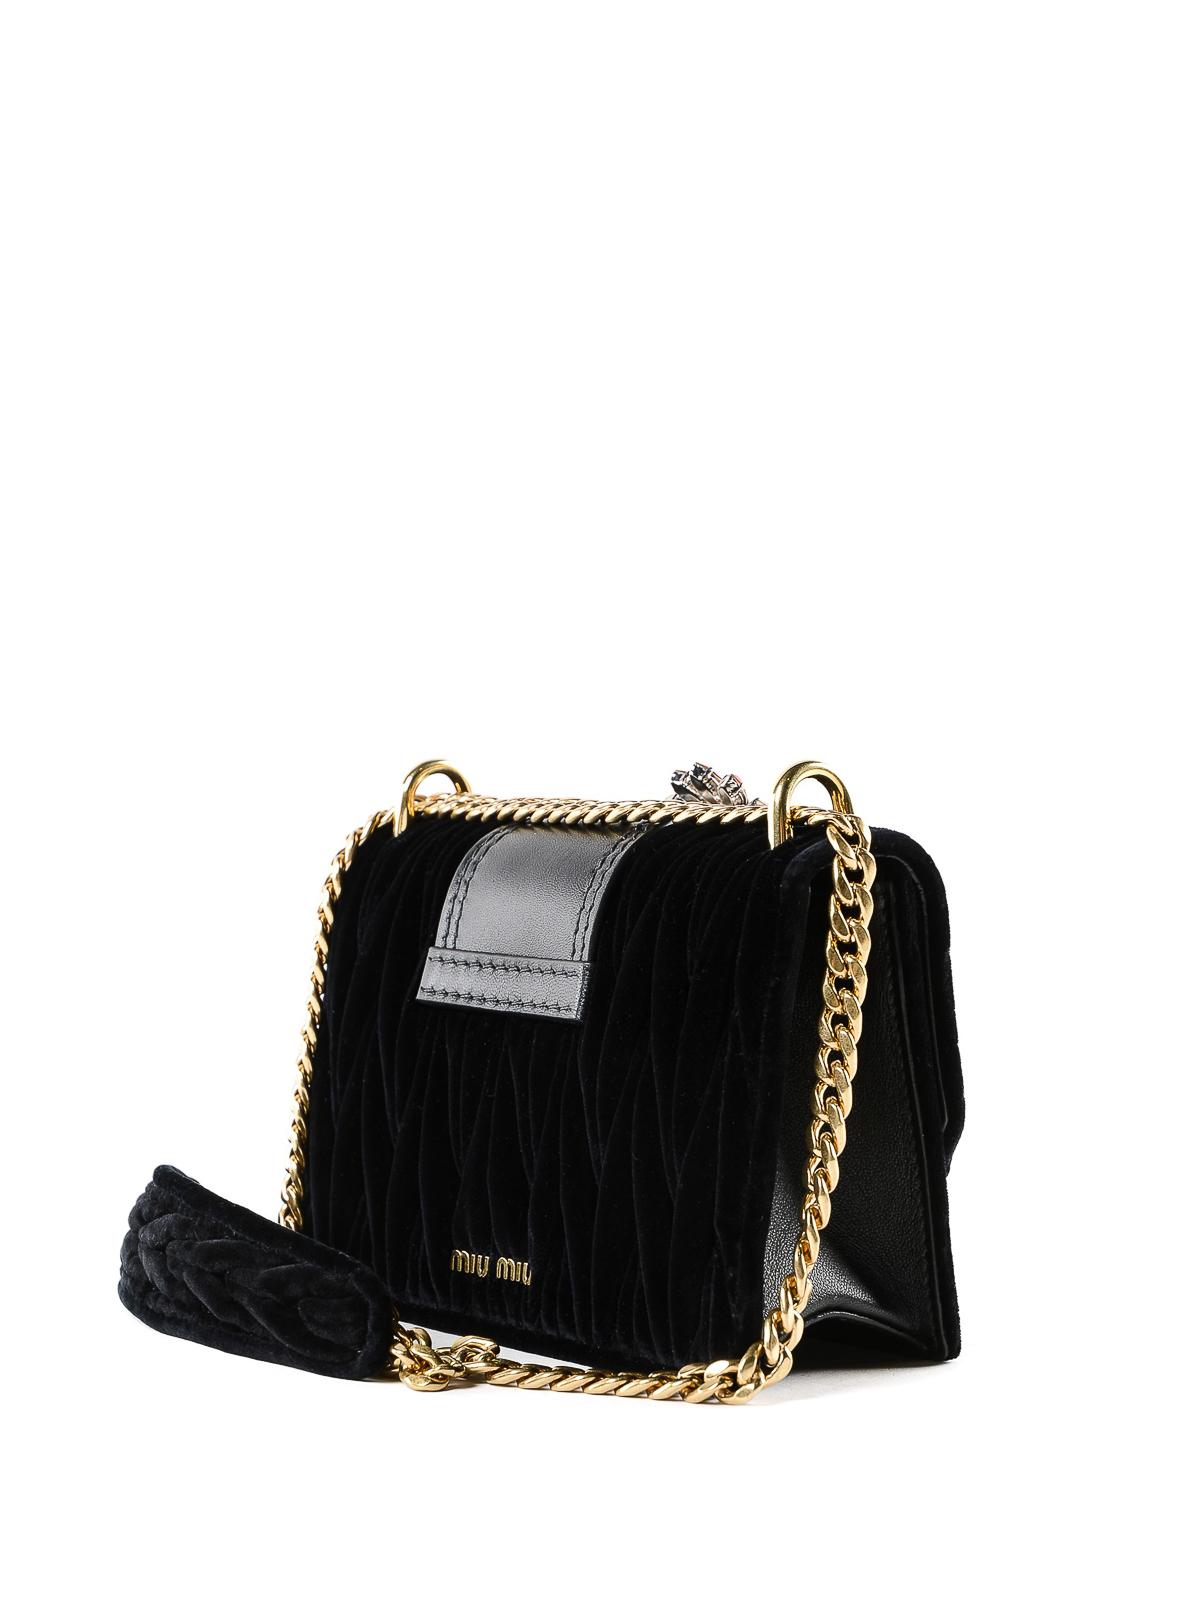 845c9ba9105e iKRIX MIU MIU  cross body bags - Lady velvet jewel cross body bag